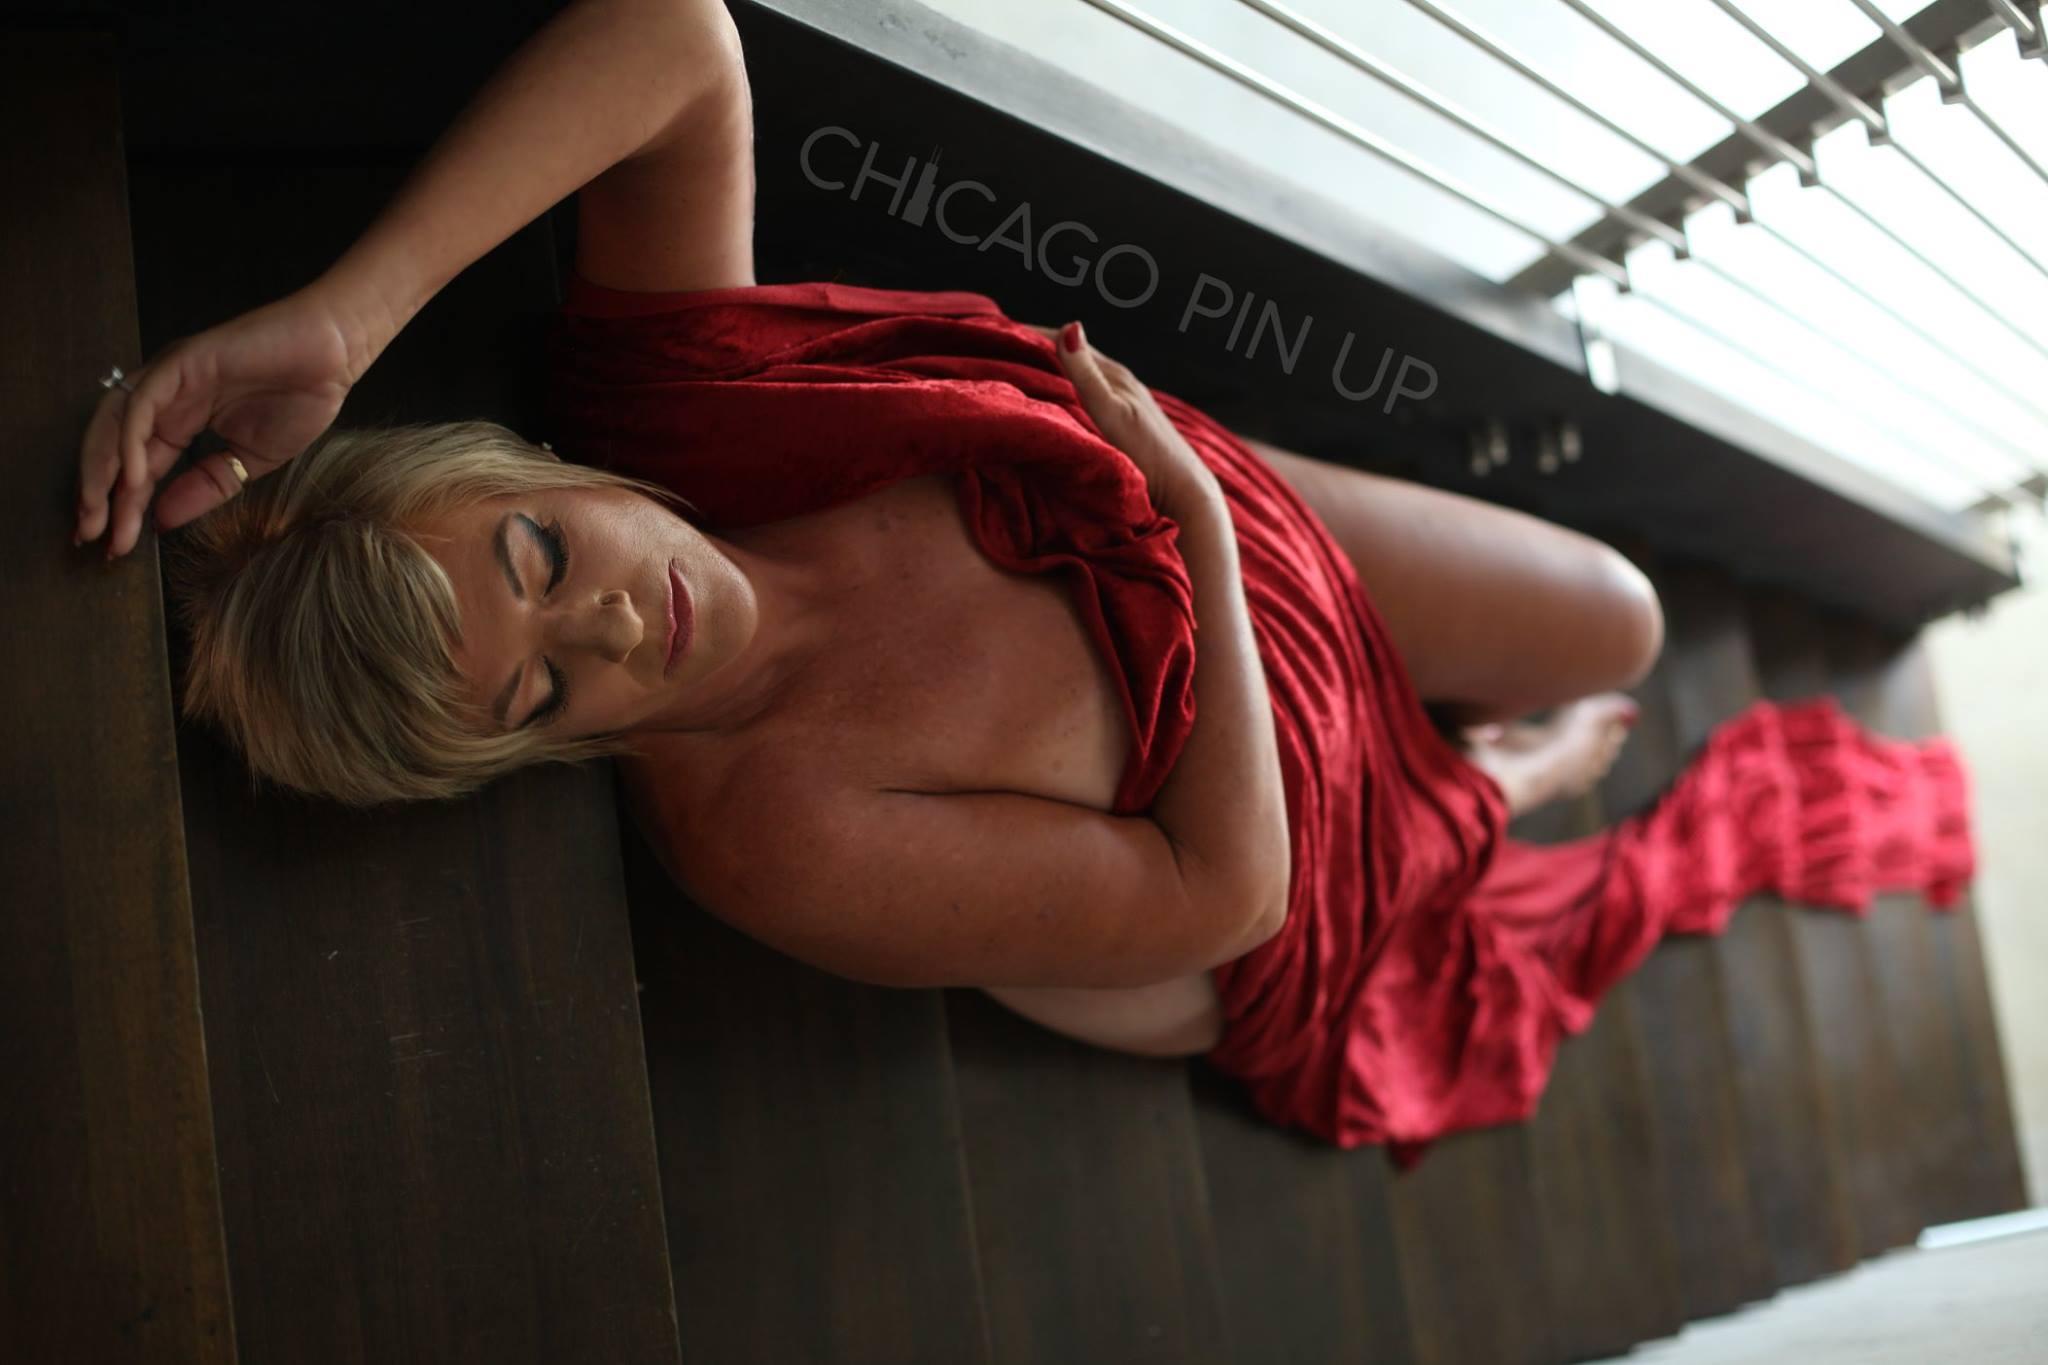 Woman-Draped-in-Sheet-during-Chicago-Pinup-Boudoir.jpg